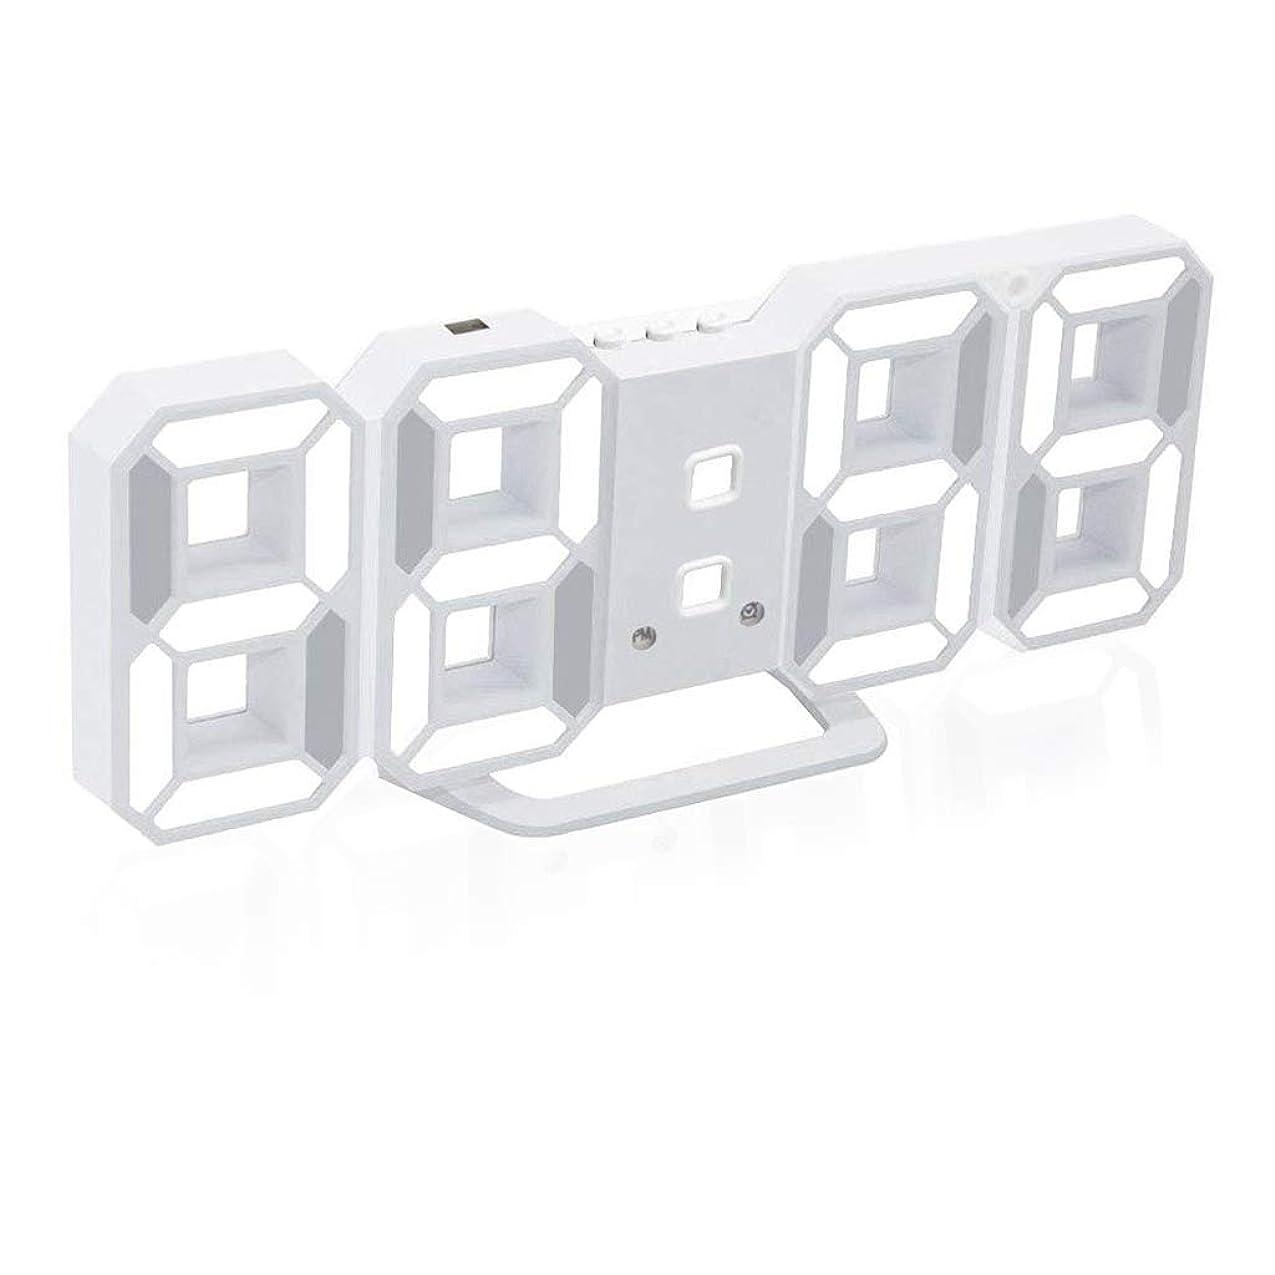 飛び込む断言するフラグラントFormemory 電子時計 目覚まし時計 デジタル LED 高精度 自動点灯 気象計 温度計室内 ホーム 卓上電子温湿度計 時計 レディース メンズ カレンダー 壁掛け 置時計 おしゃれ 可愛い デジタルカラーバリエーション ホワイト